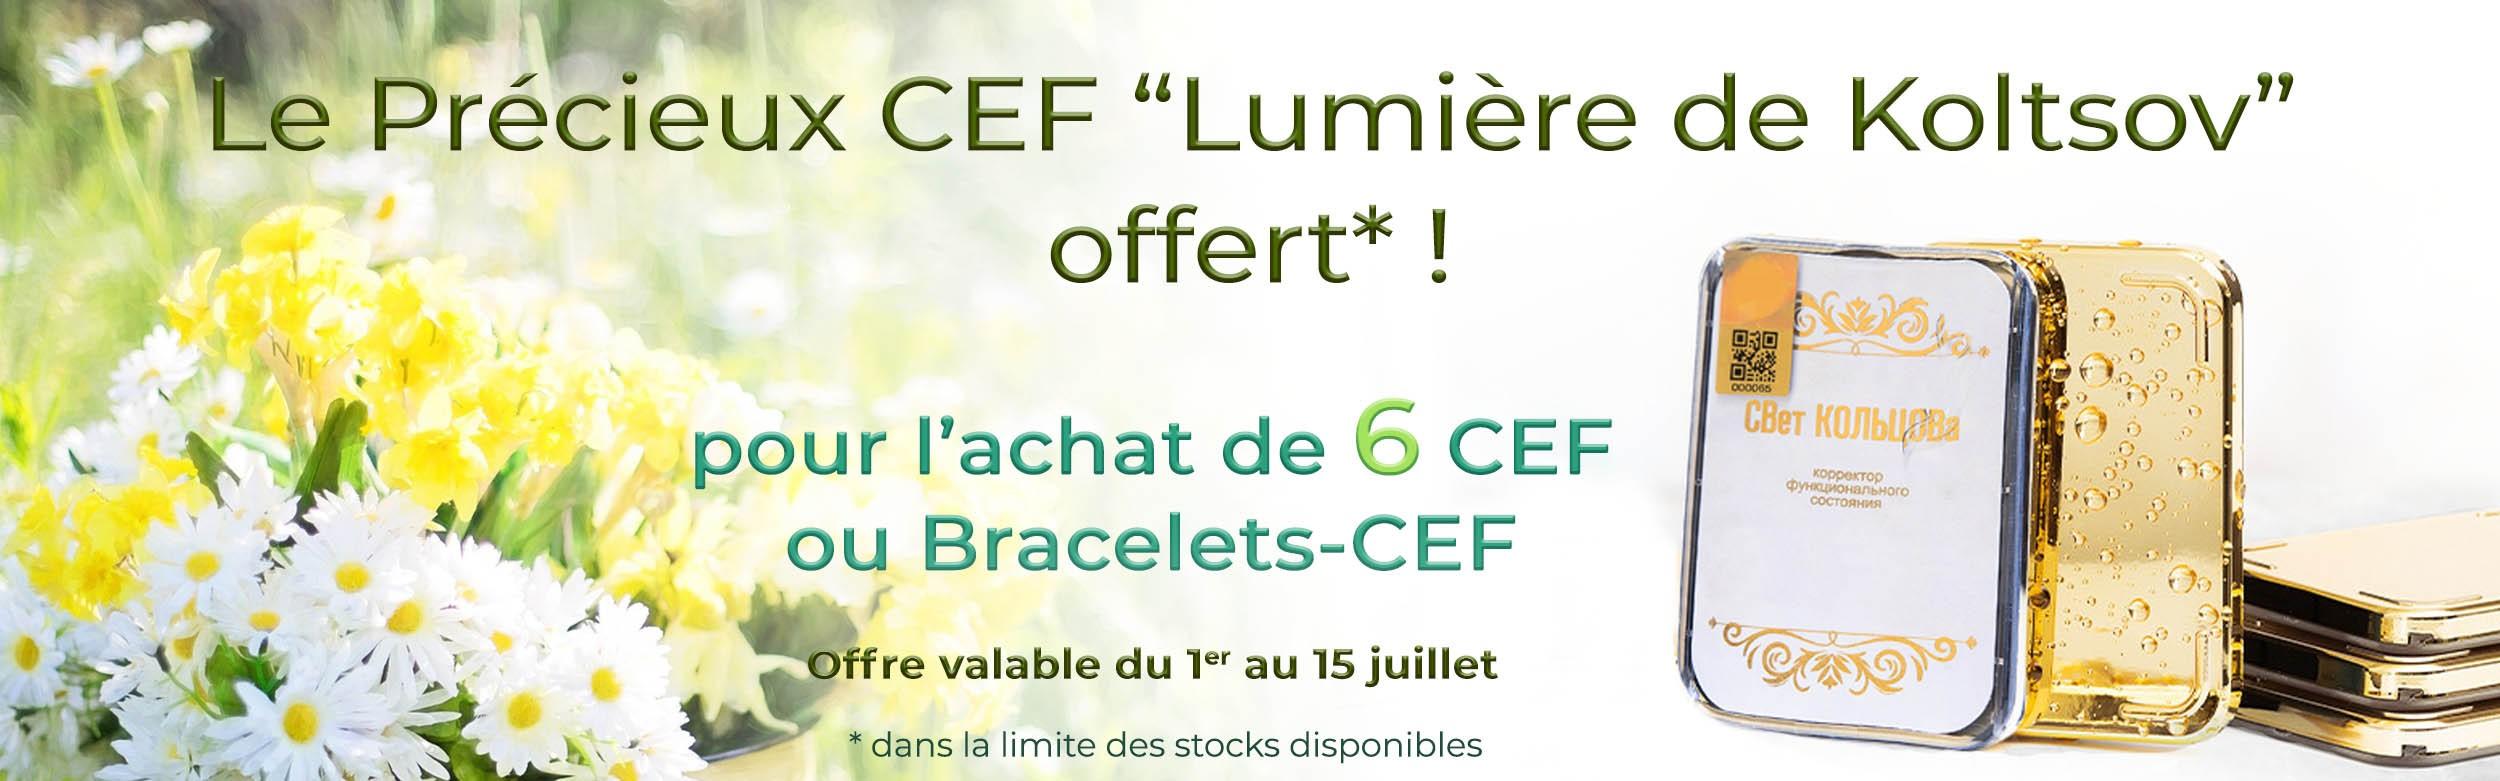 """CEF """"Lumière de Koltsov"""" offert pour l'achat de 6 CEF"""